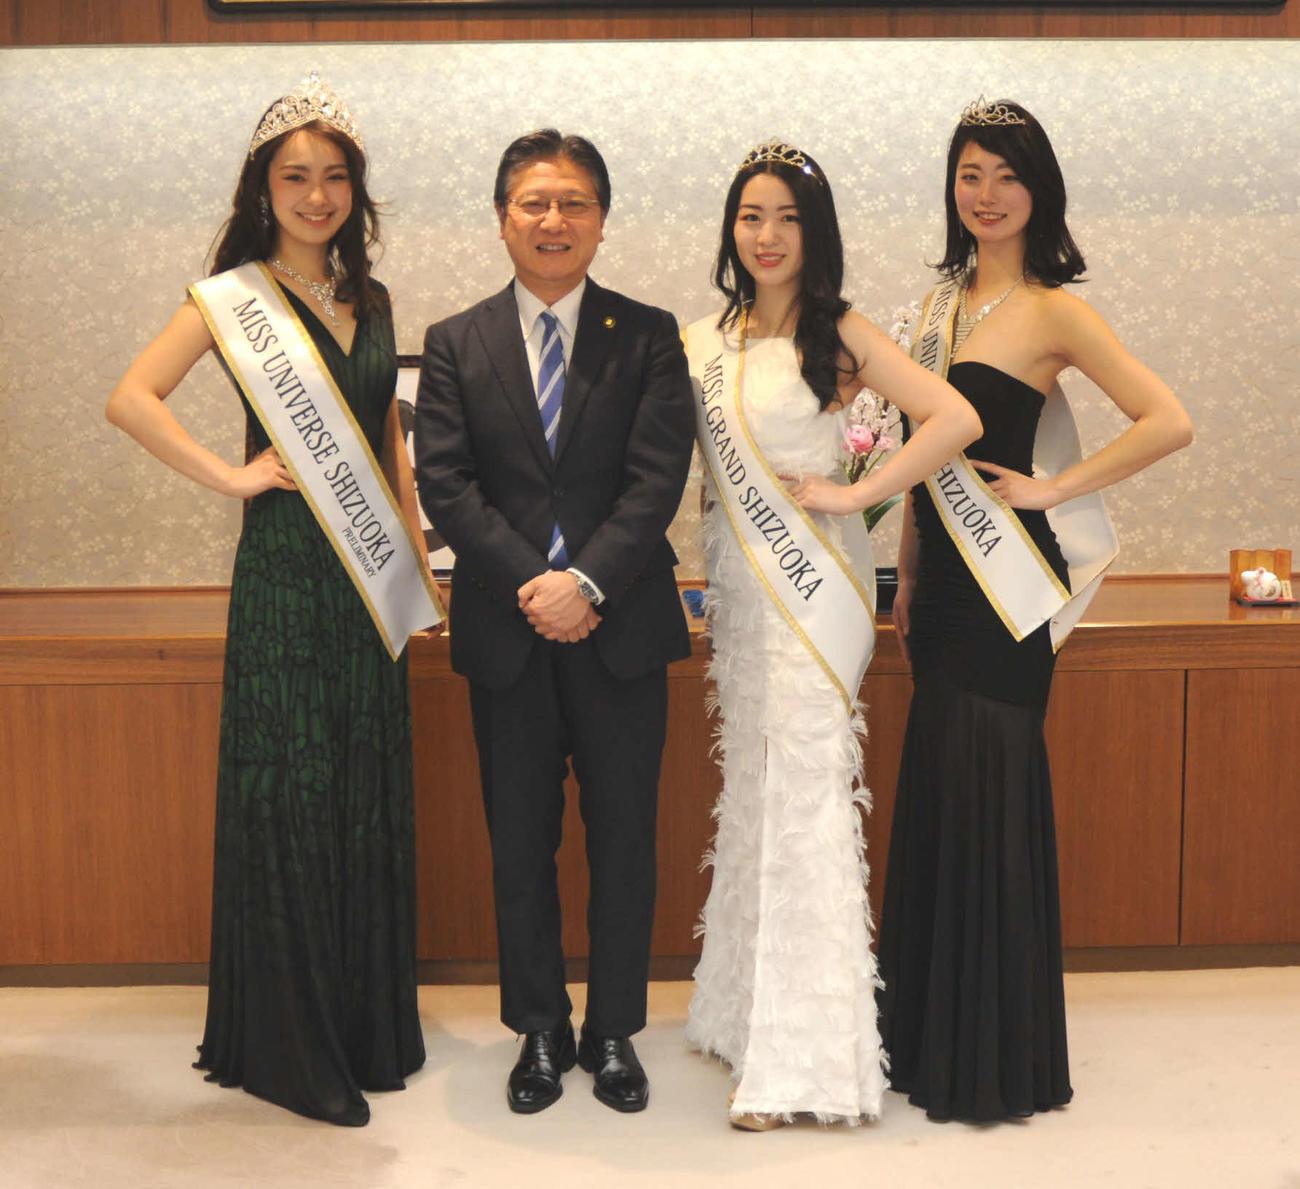 田辺信宏静岡市長(左から2人目)を表敬した、柴田彩花(左端)、鬼頭舞友さん(右から2人目)、袴田莉加さん